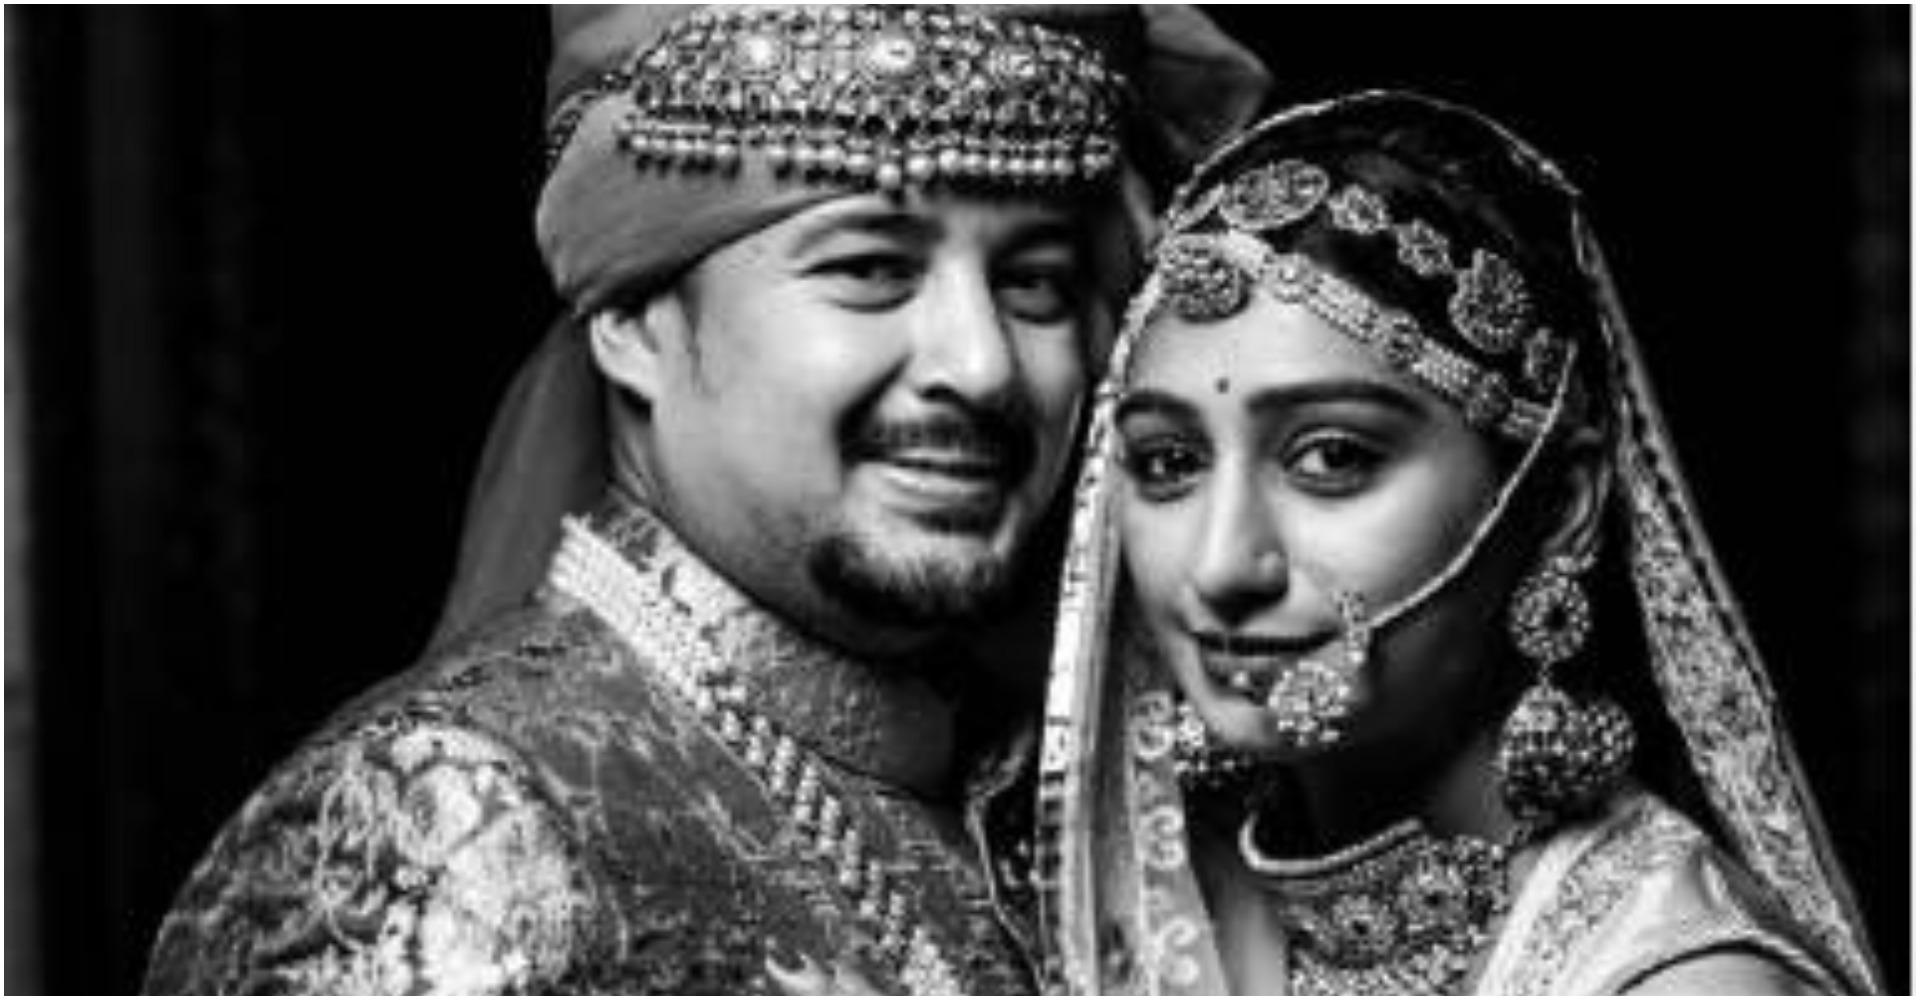 'ये रिश्ता क्या कहलाता है' फेम मोहीना कुमारी नेशेयर किया वेडिंग टीजर वीडियो, इंटरनेट पर हो रहा है वायरल